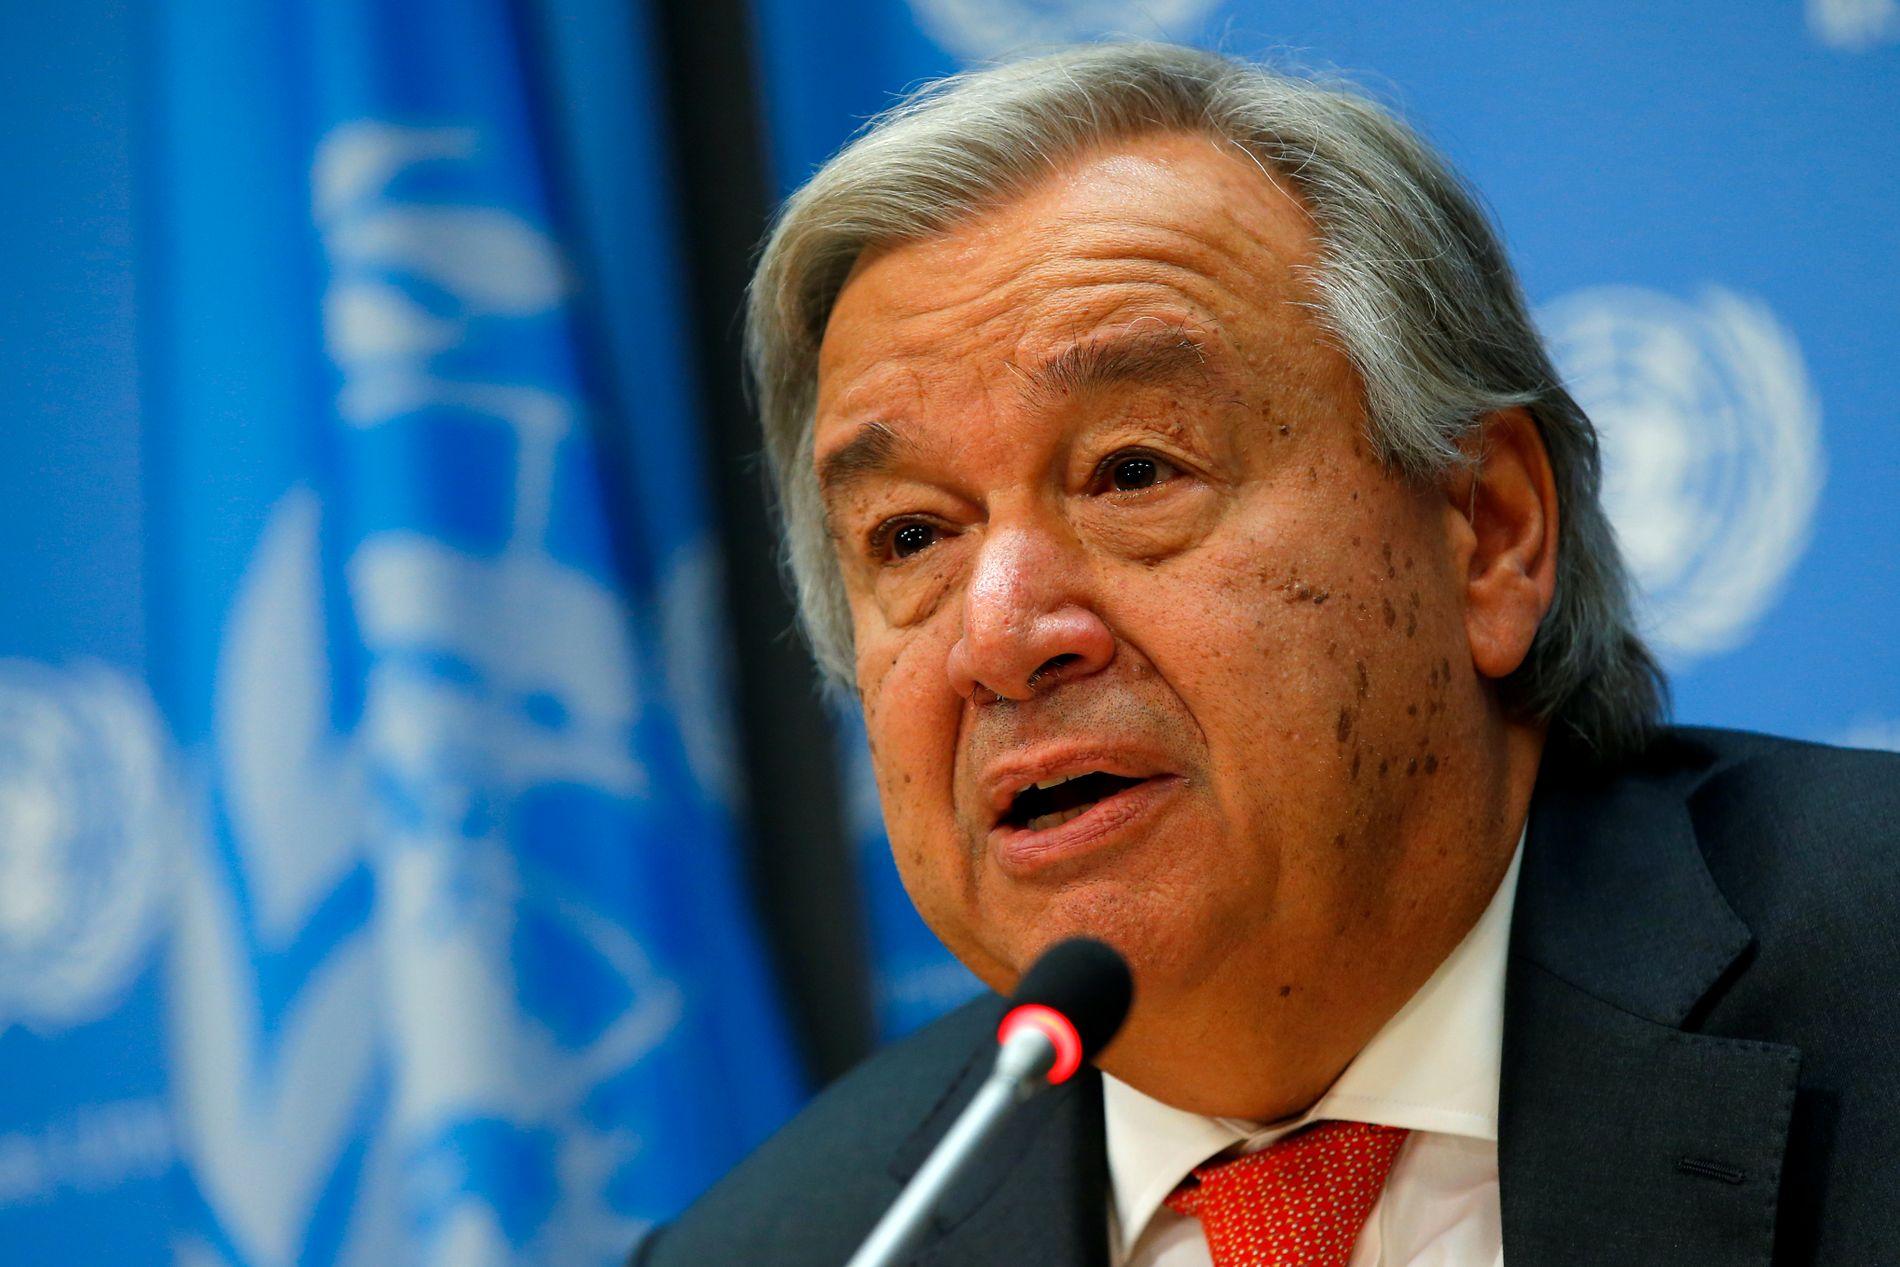 ALVORLIG: FNs generalsekretær António Guterres advarer mot etnisk rensing i Rakhine-provinsen i Myanmar. Foto: REUTERS / MIKE SEGAR